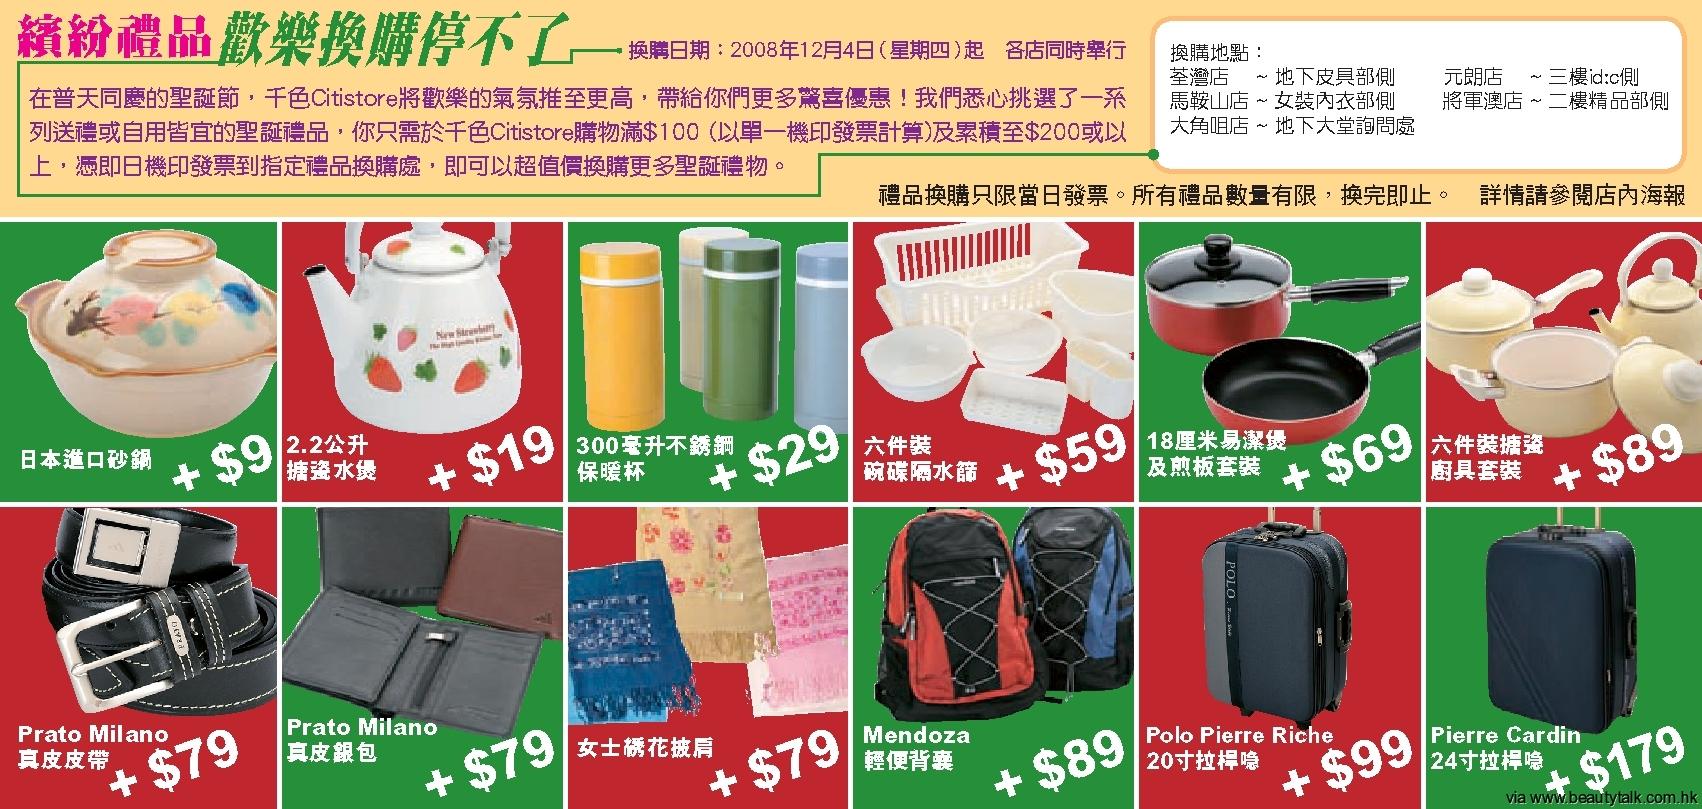 千色 Citistore Amusing Christmas Sale - beautytalk